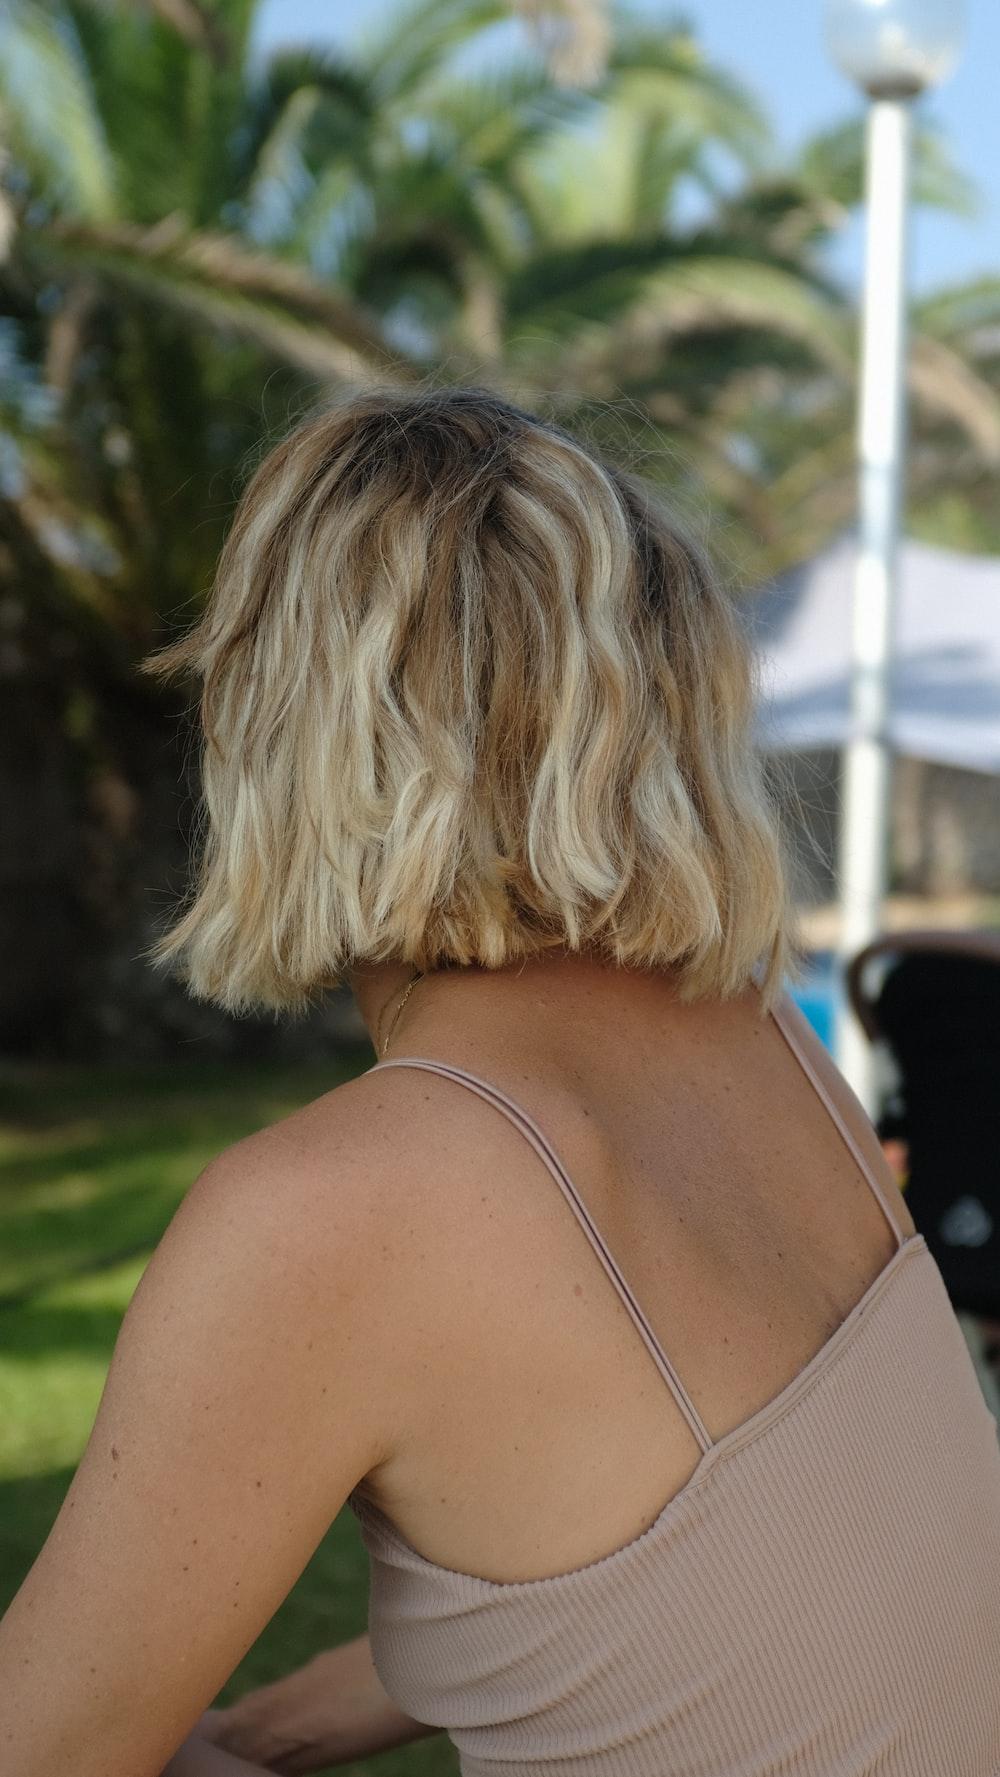 woman in brown spaghetti strap top